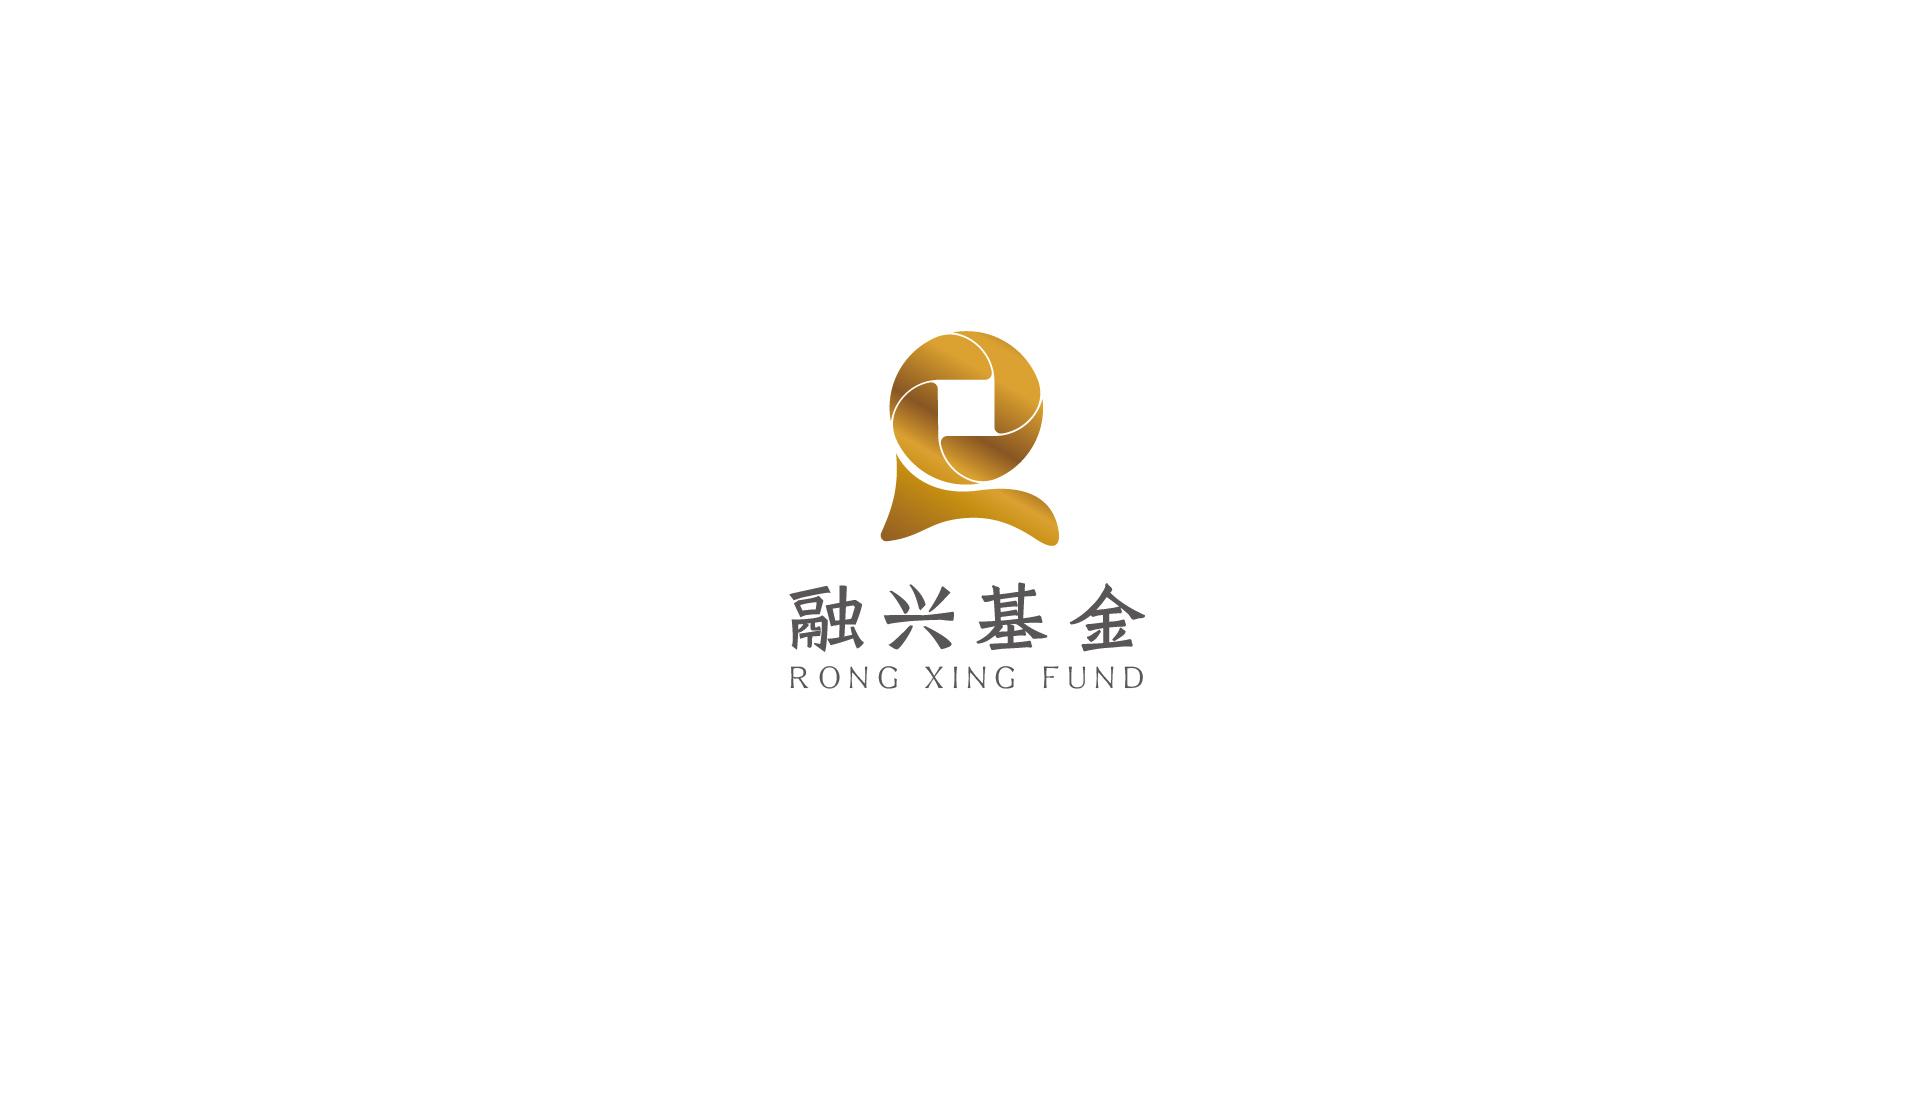 融兴基金公司LOGO万博手机官网